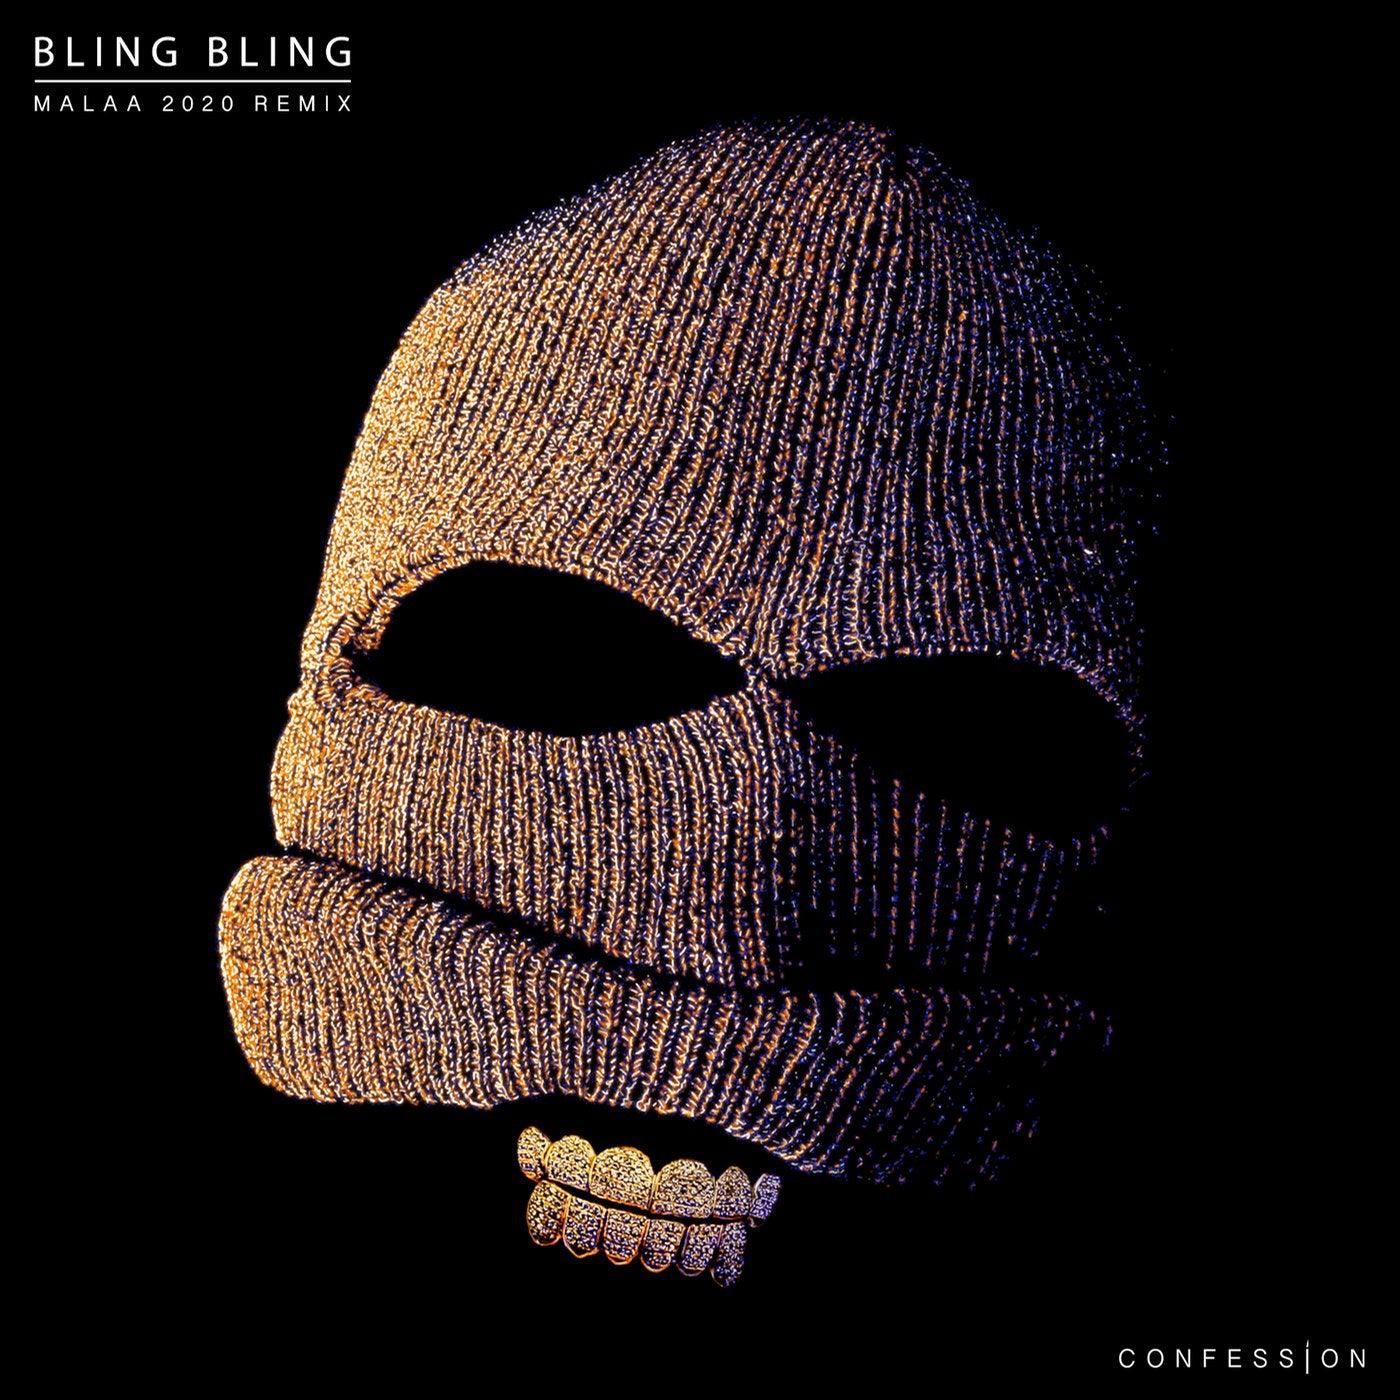 Bling Bling (2020 Remix) (Original Mix)